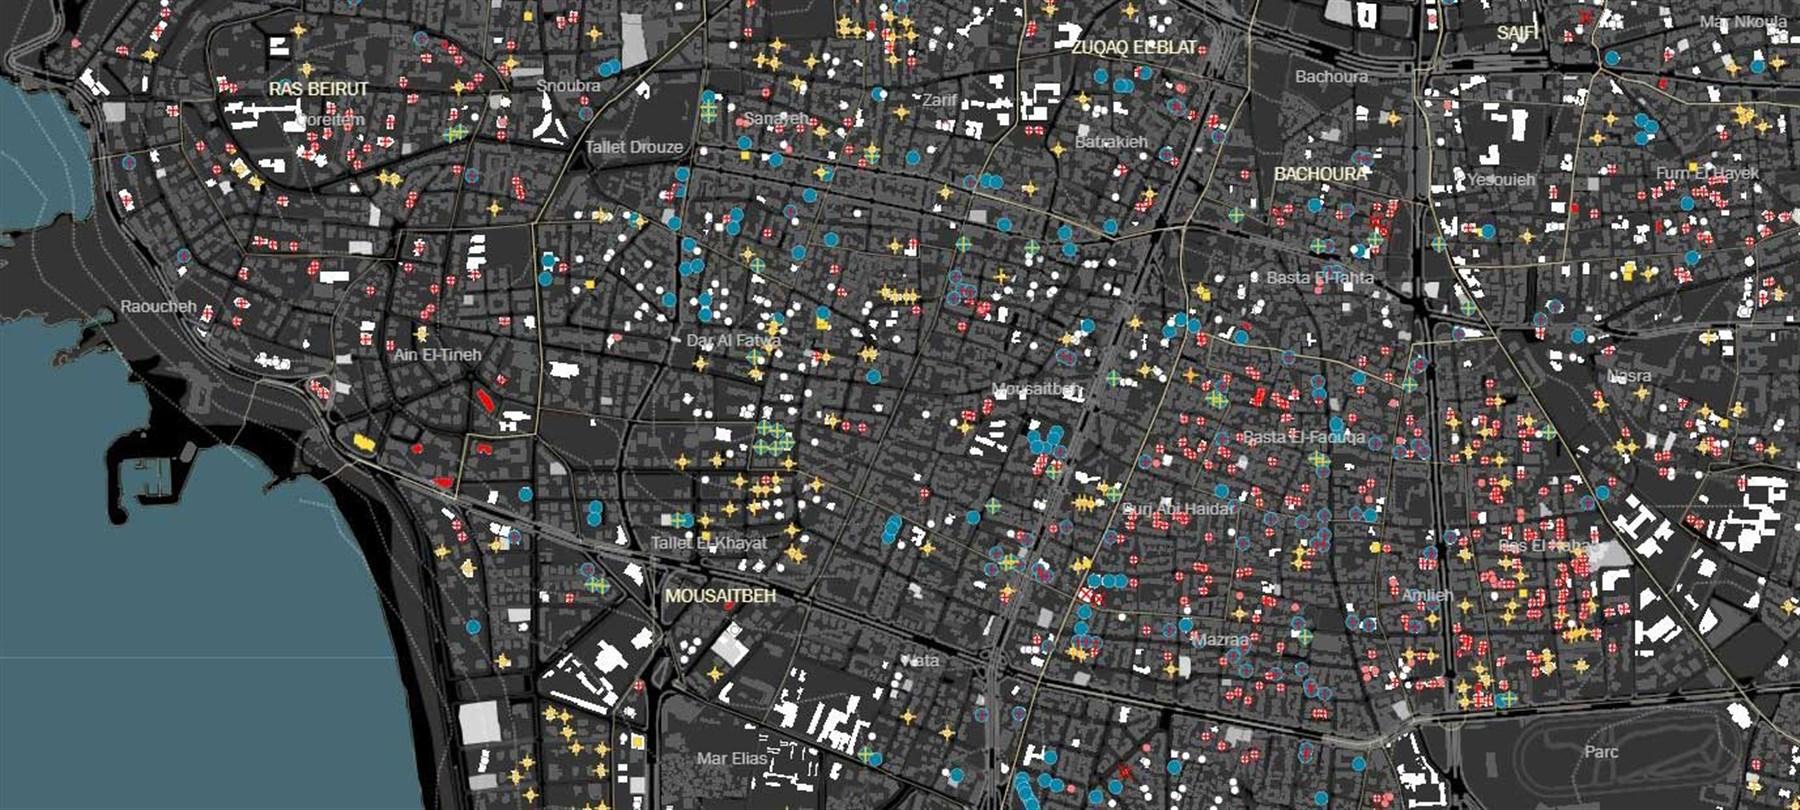 قاعدة بيانات البيئة العمرانية في بيروت